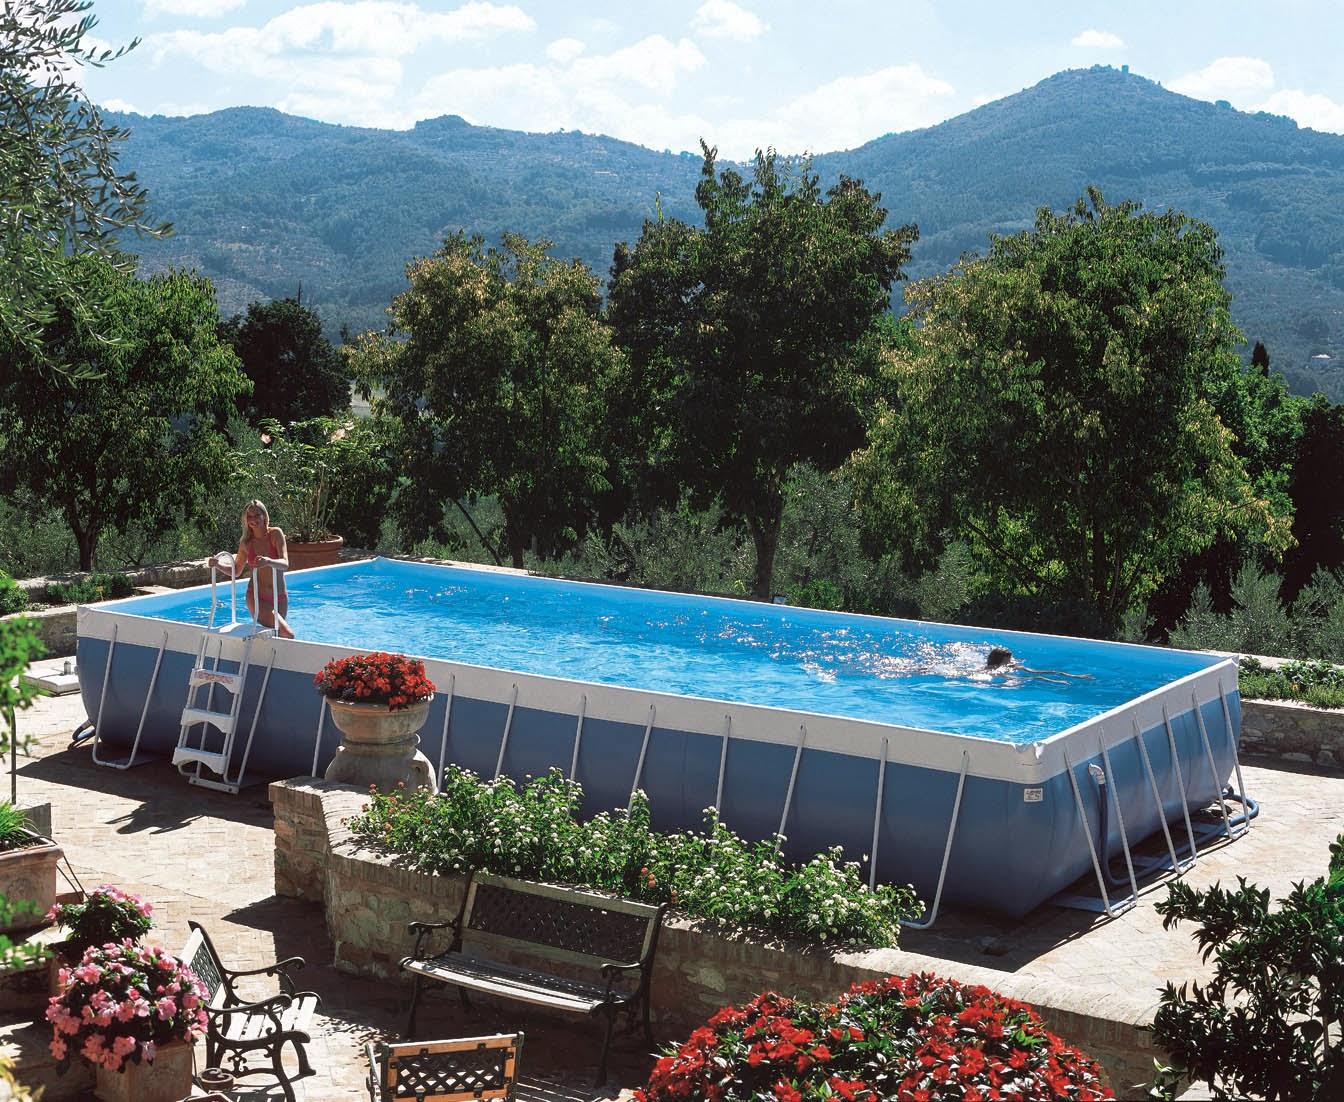 Dicono di lei piscine laghetto classic piscine laghetto news blog - Piscina bagnolo ...